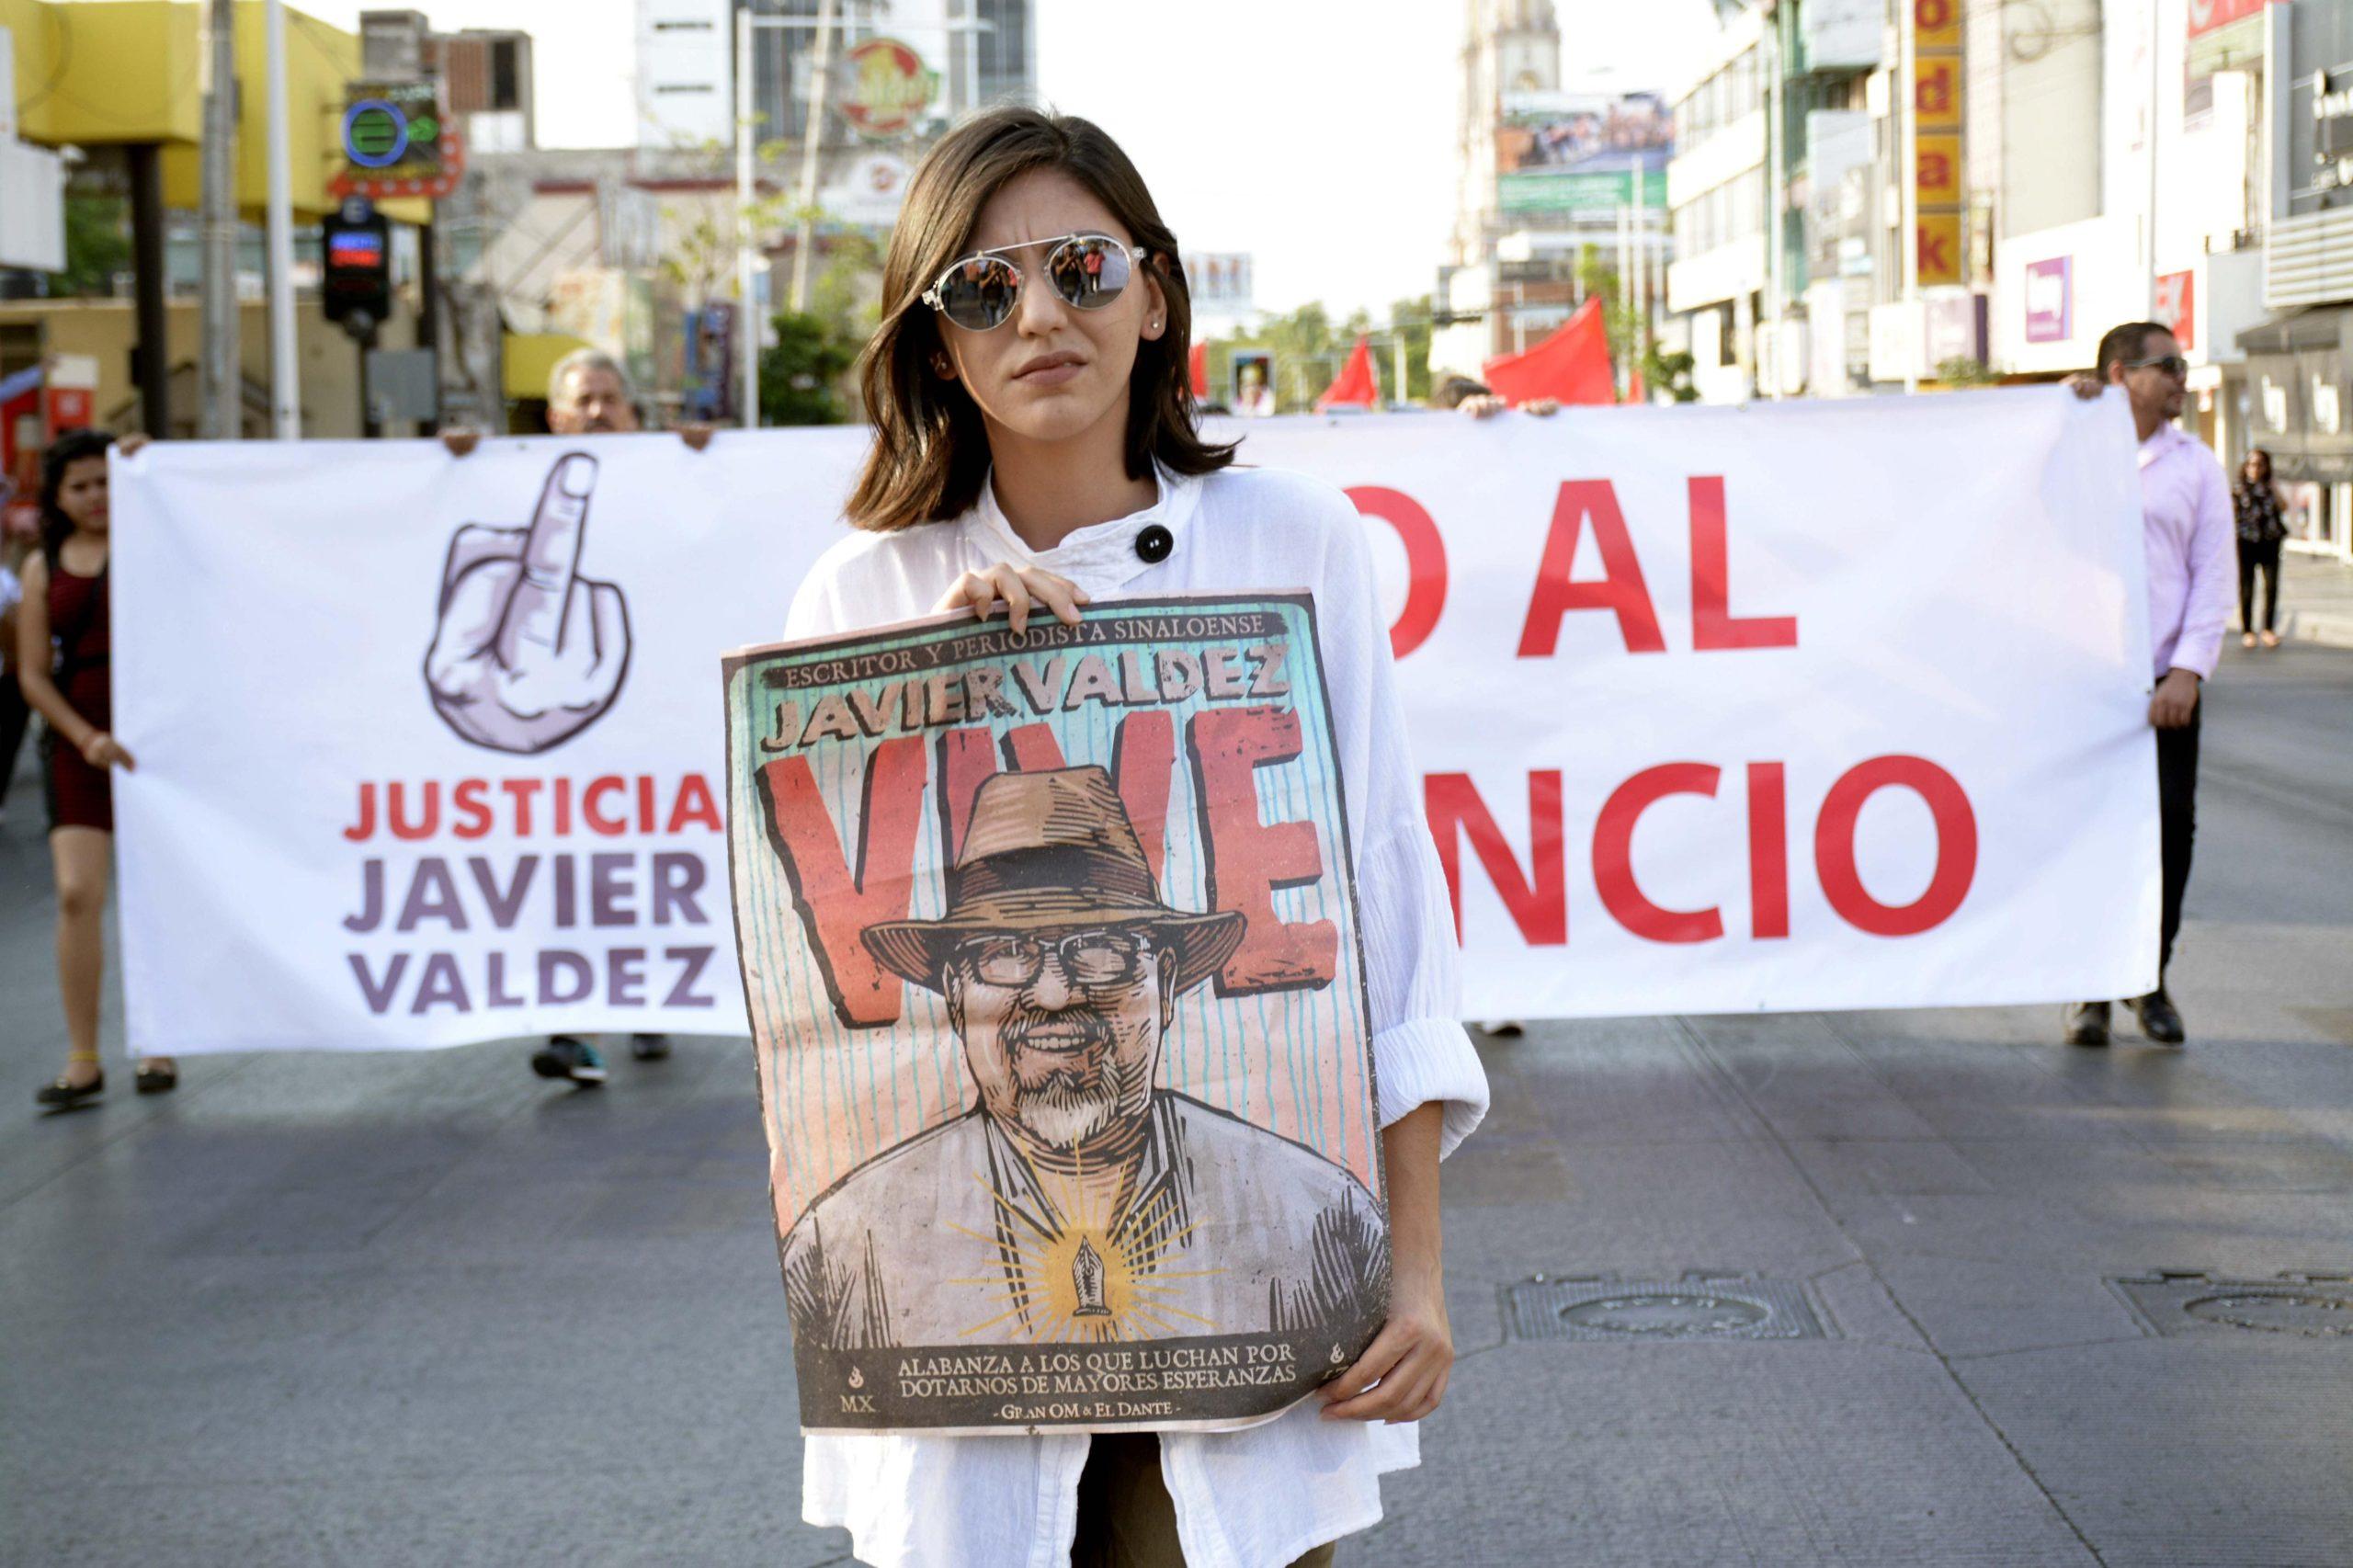 Los asesinatos de periodistas se duplicaron este año 😔